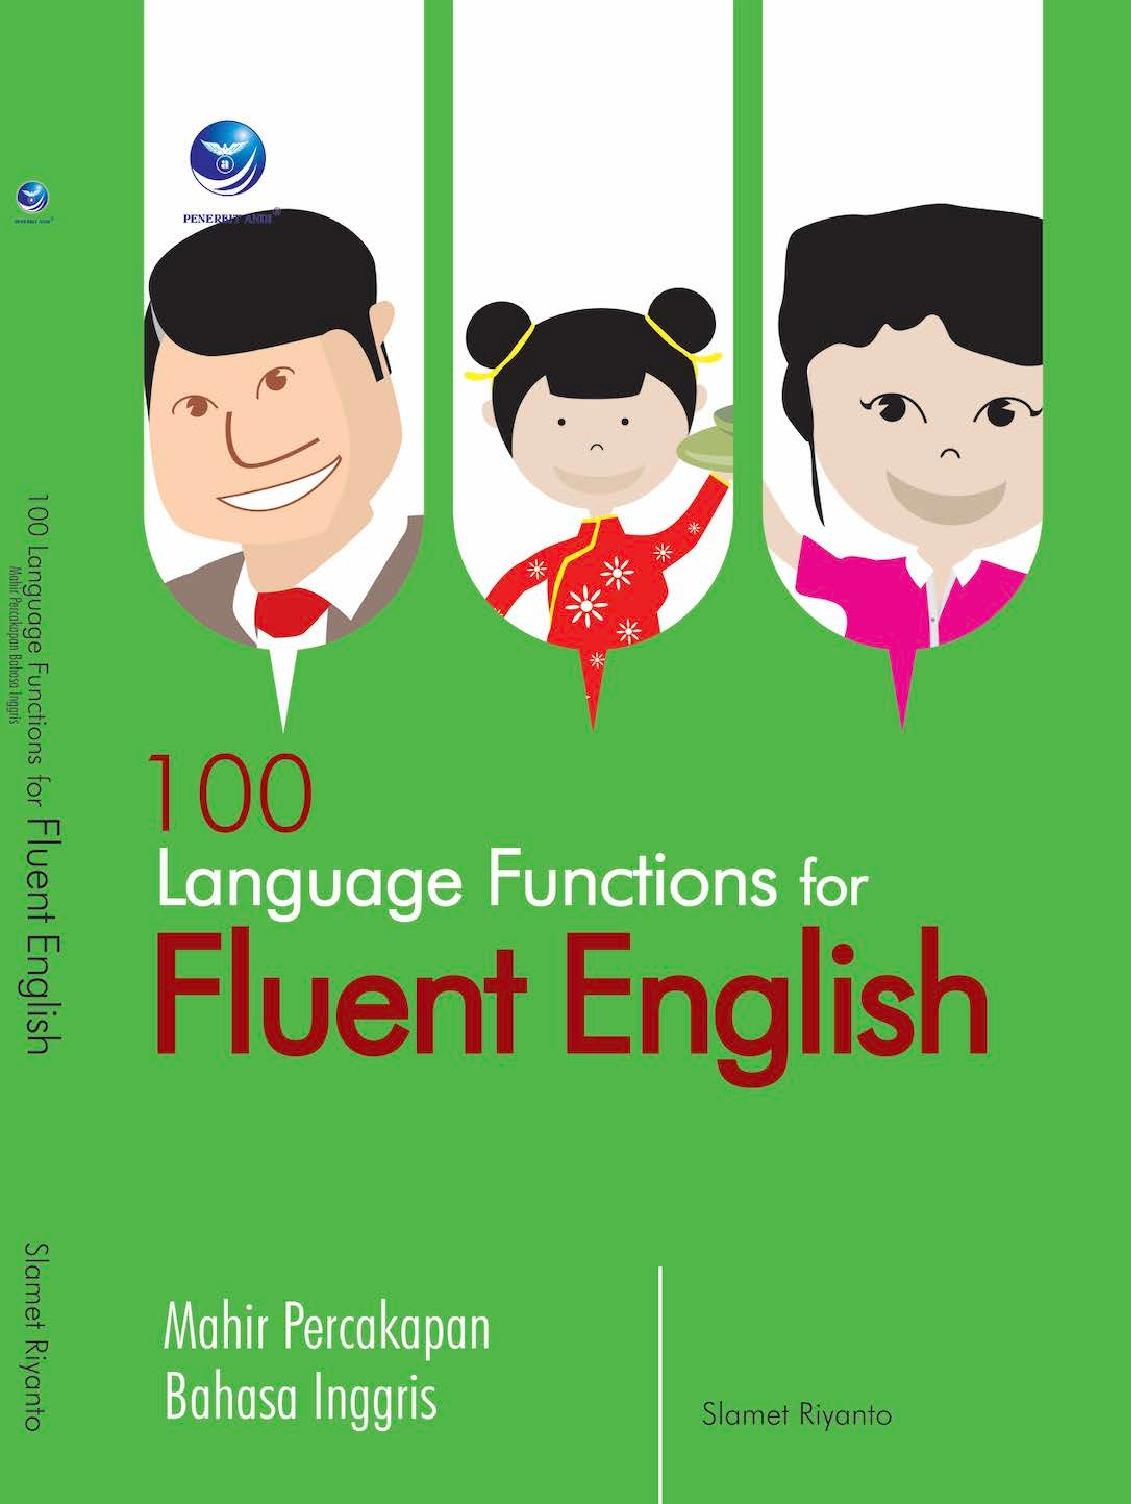 100 Language Function for Fluent English, Mahir Percakapan Bahasa Inggris